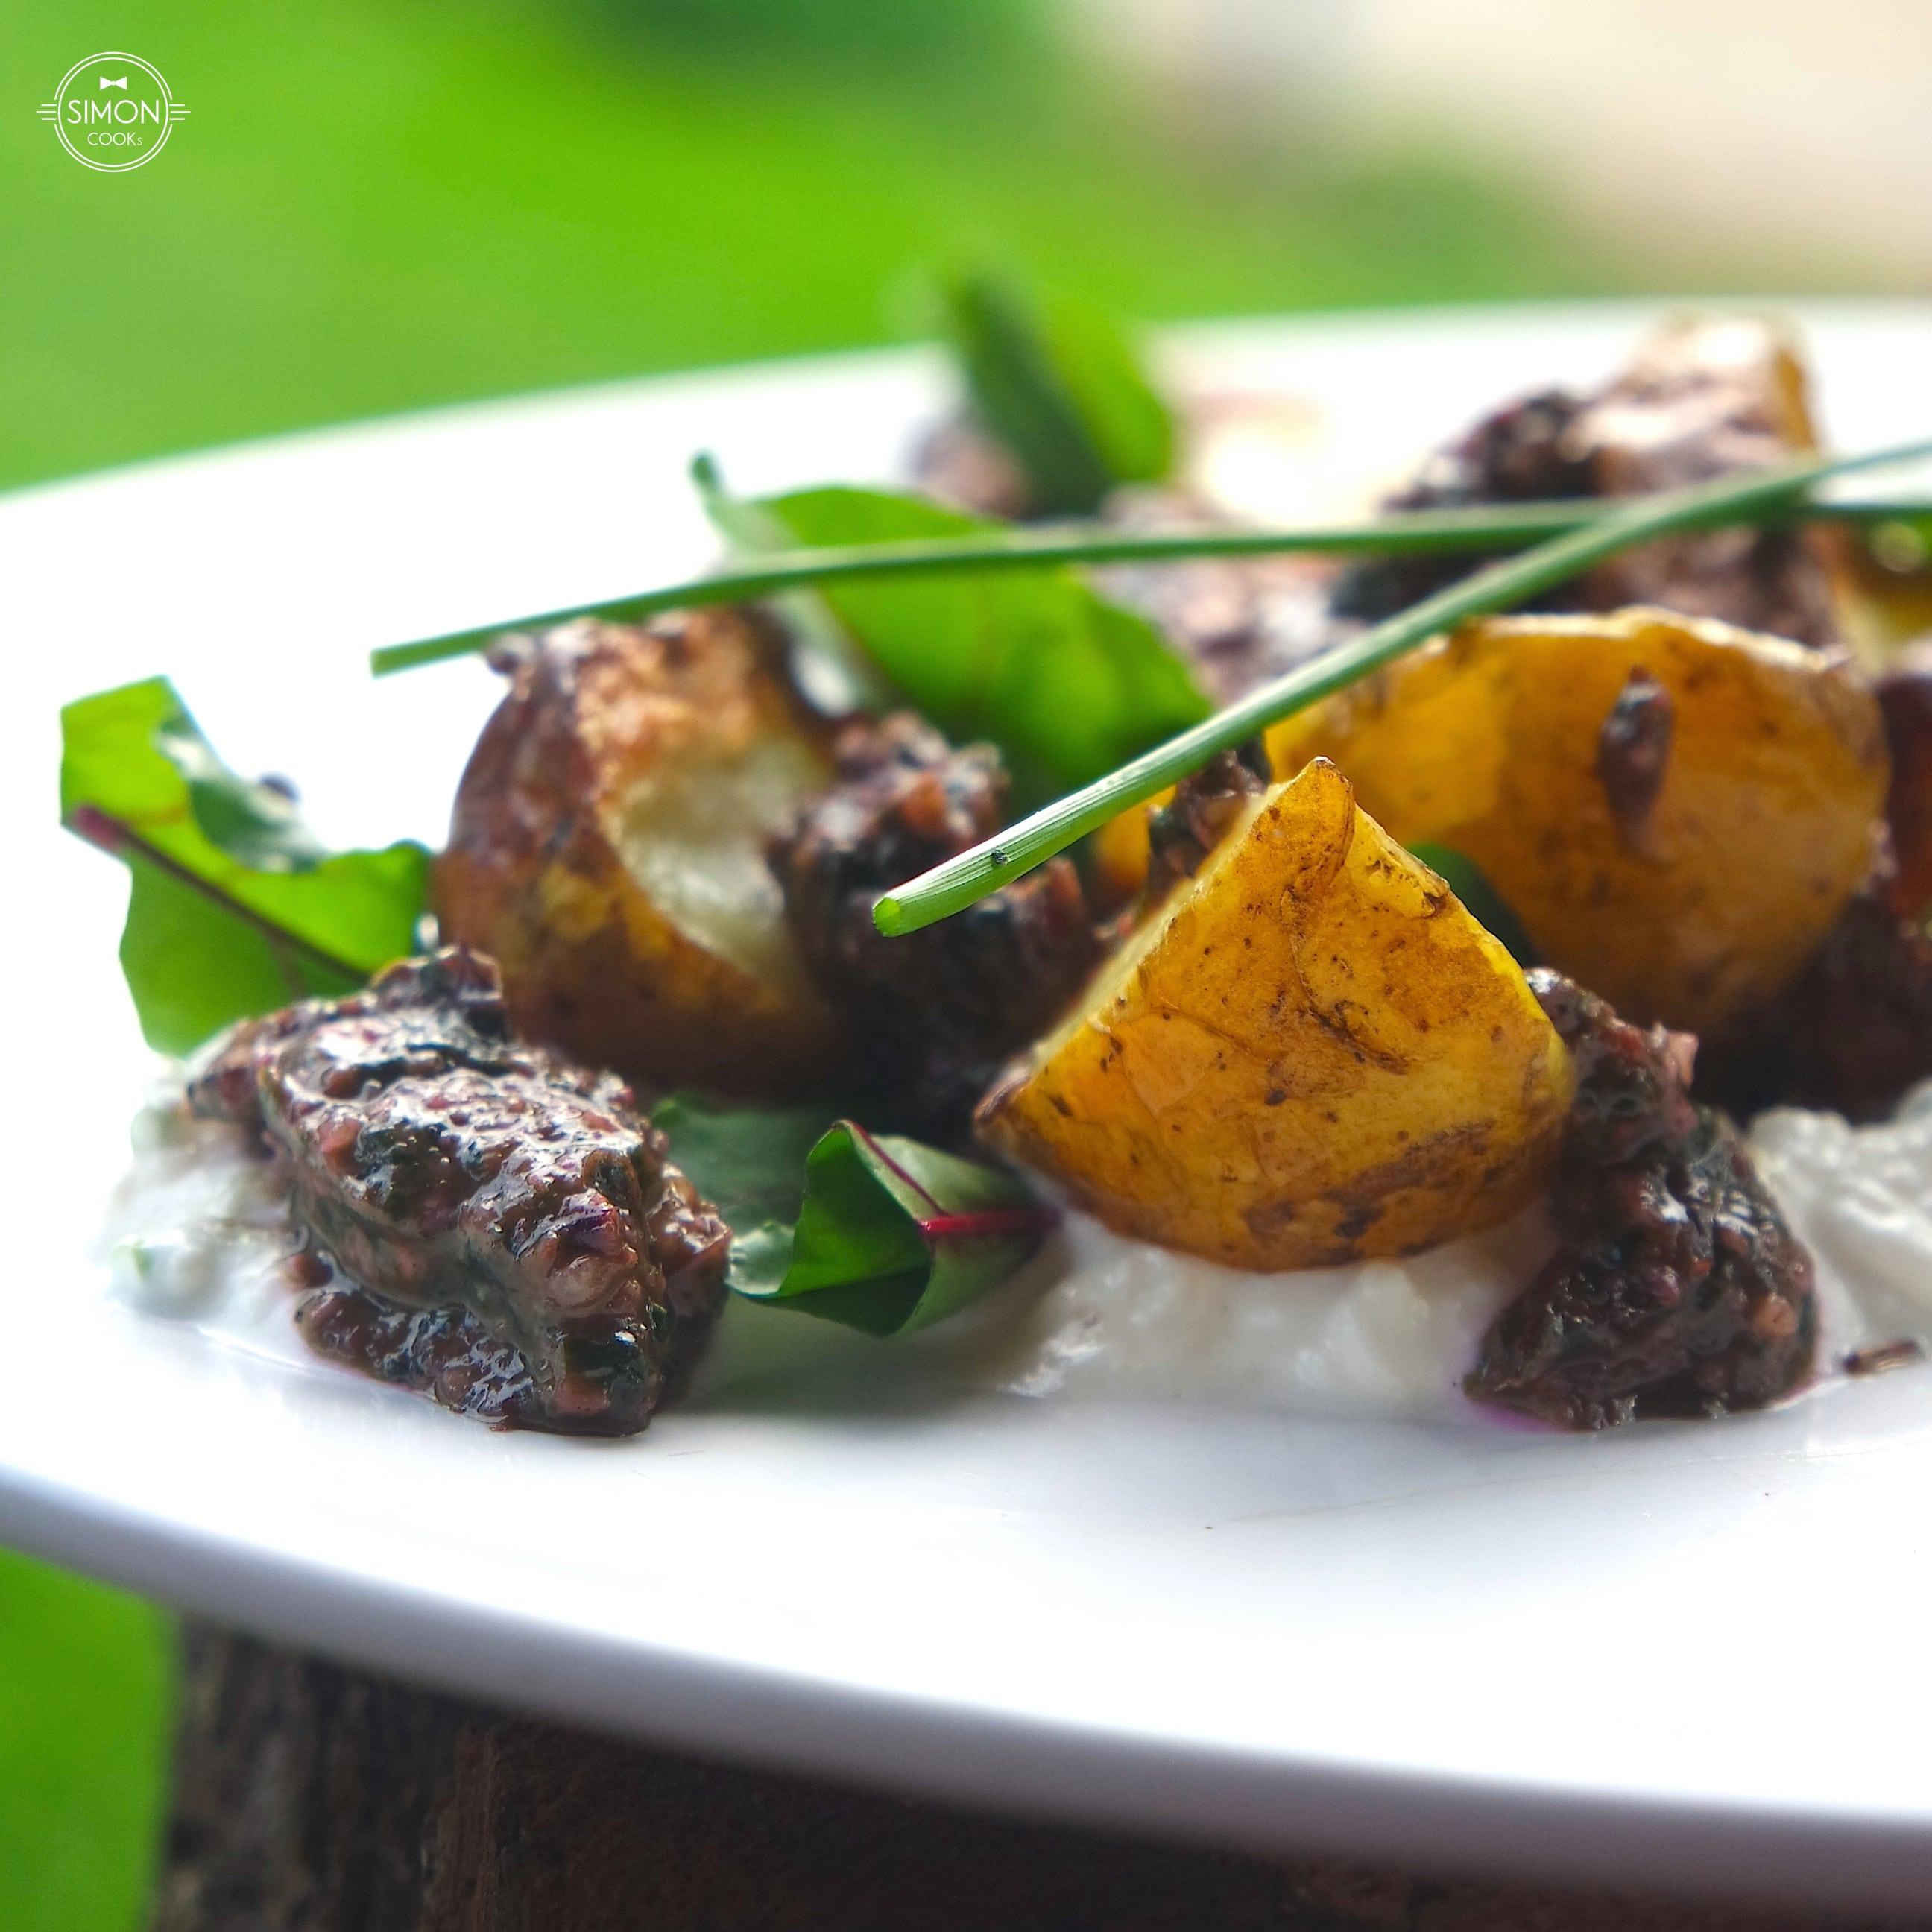 pieczone ziemniaki grill botwina botwinka pesto simon cooks ser biały